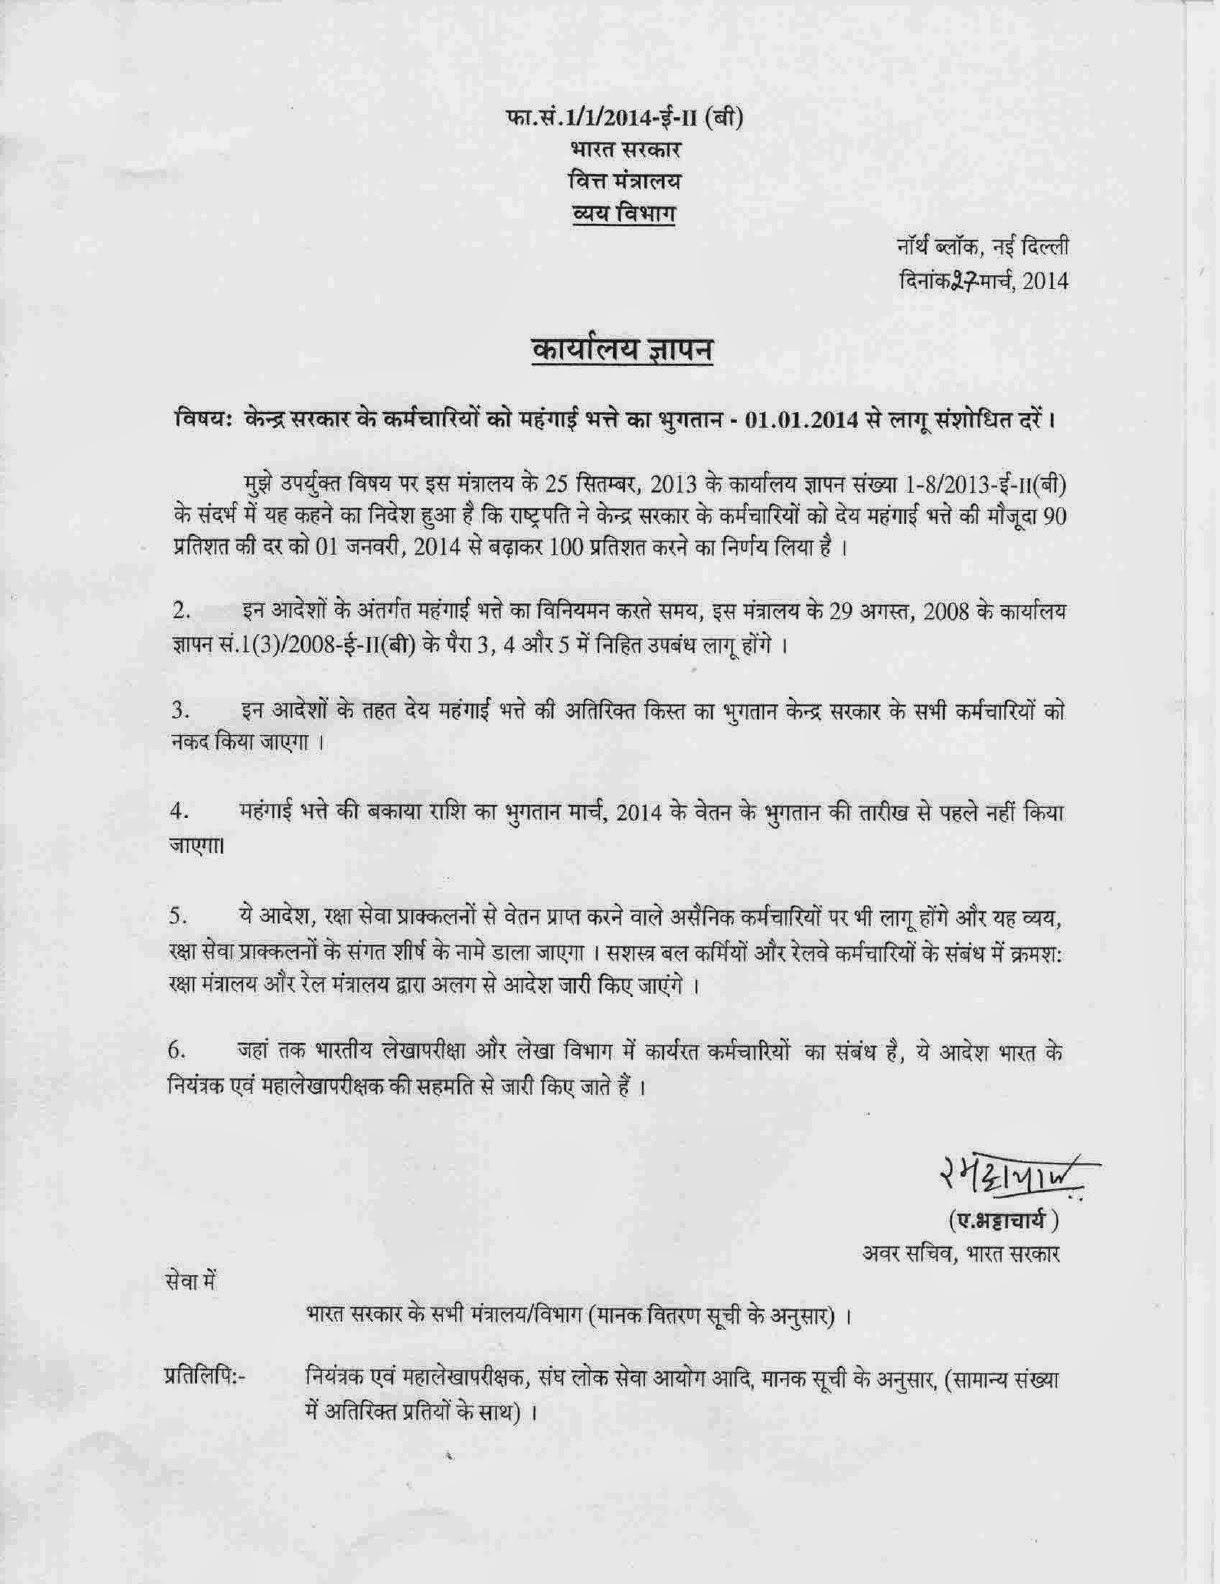 DA+jan+2014+order+hindi